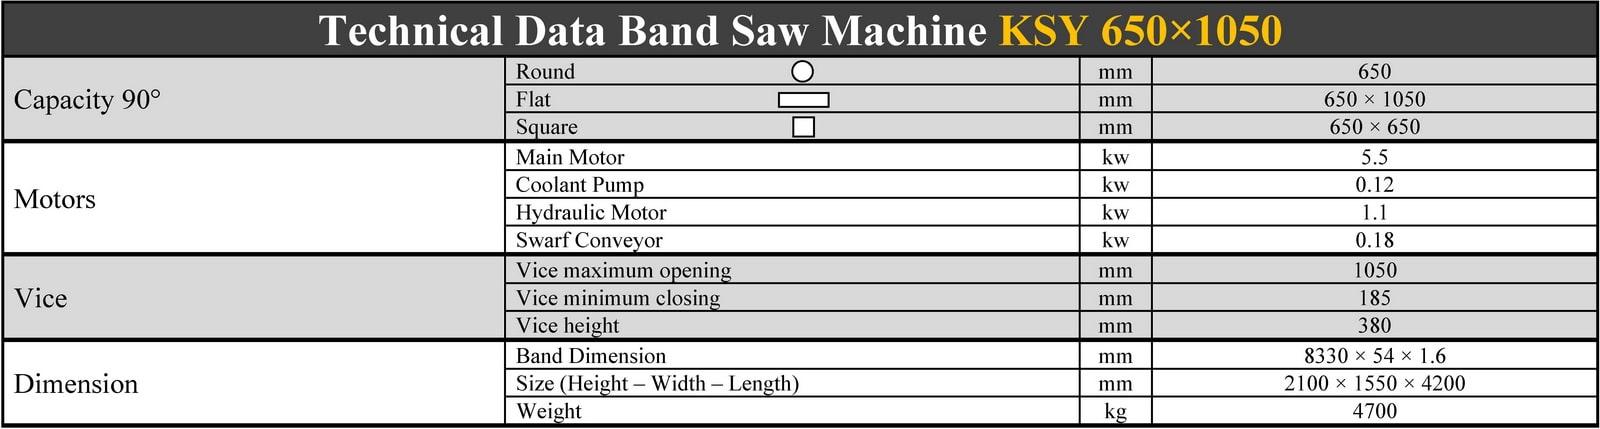 مشخصات فنی دستگاه اره نواری دو ستون نیمه اتوماتیک کسمک - KSY 650*1050